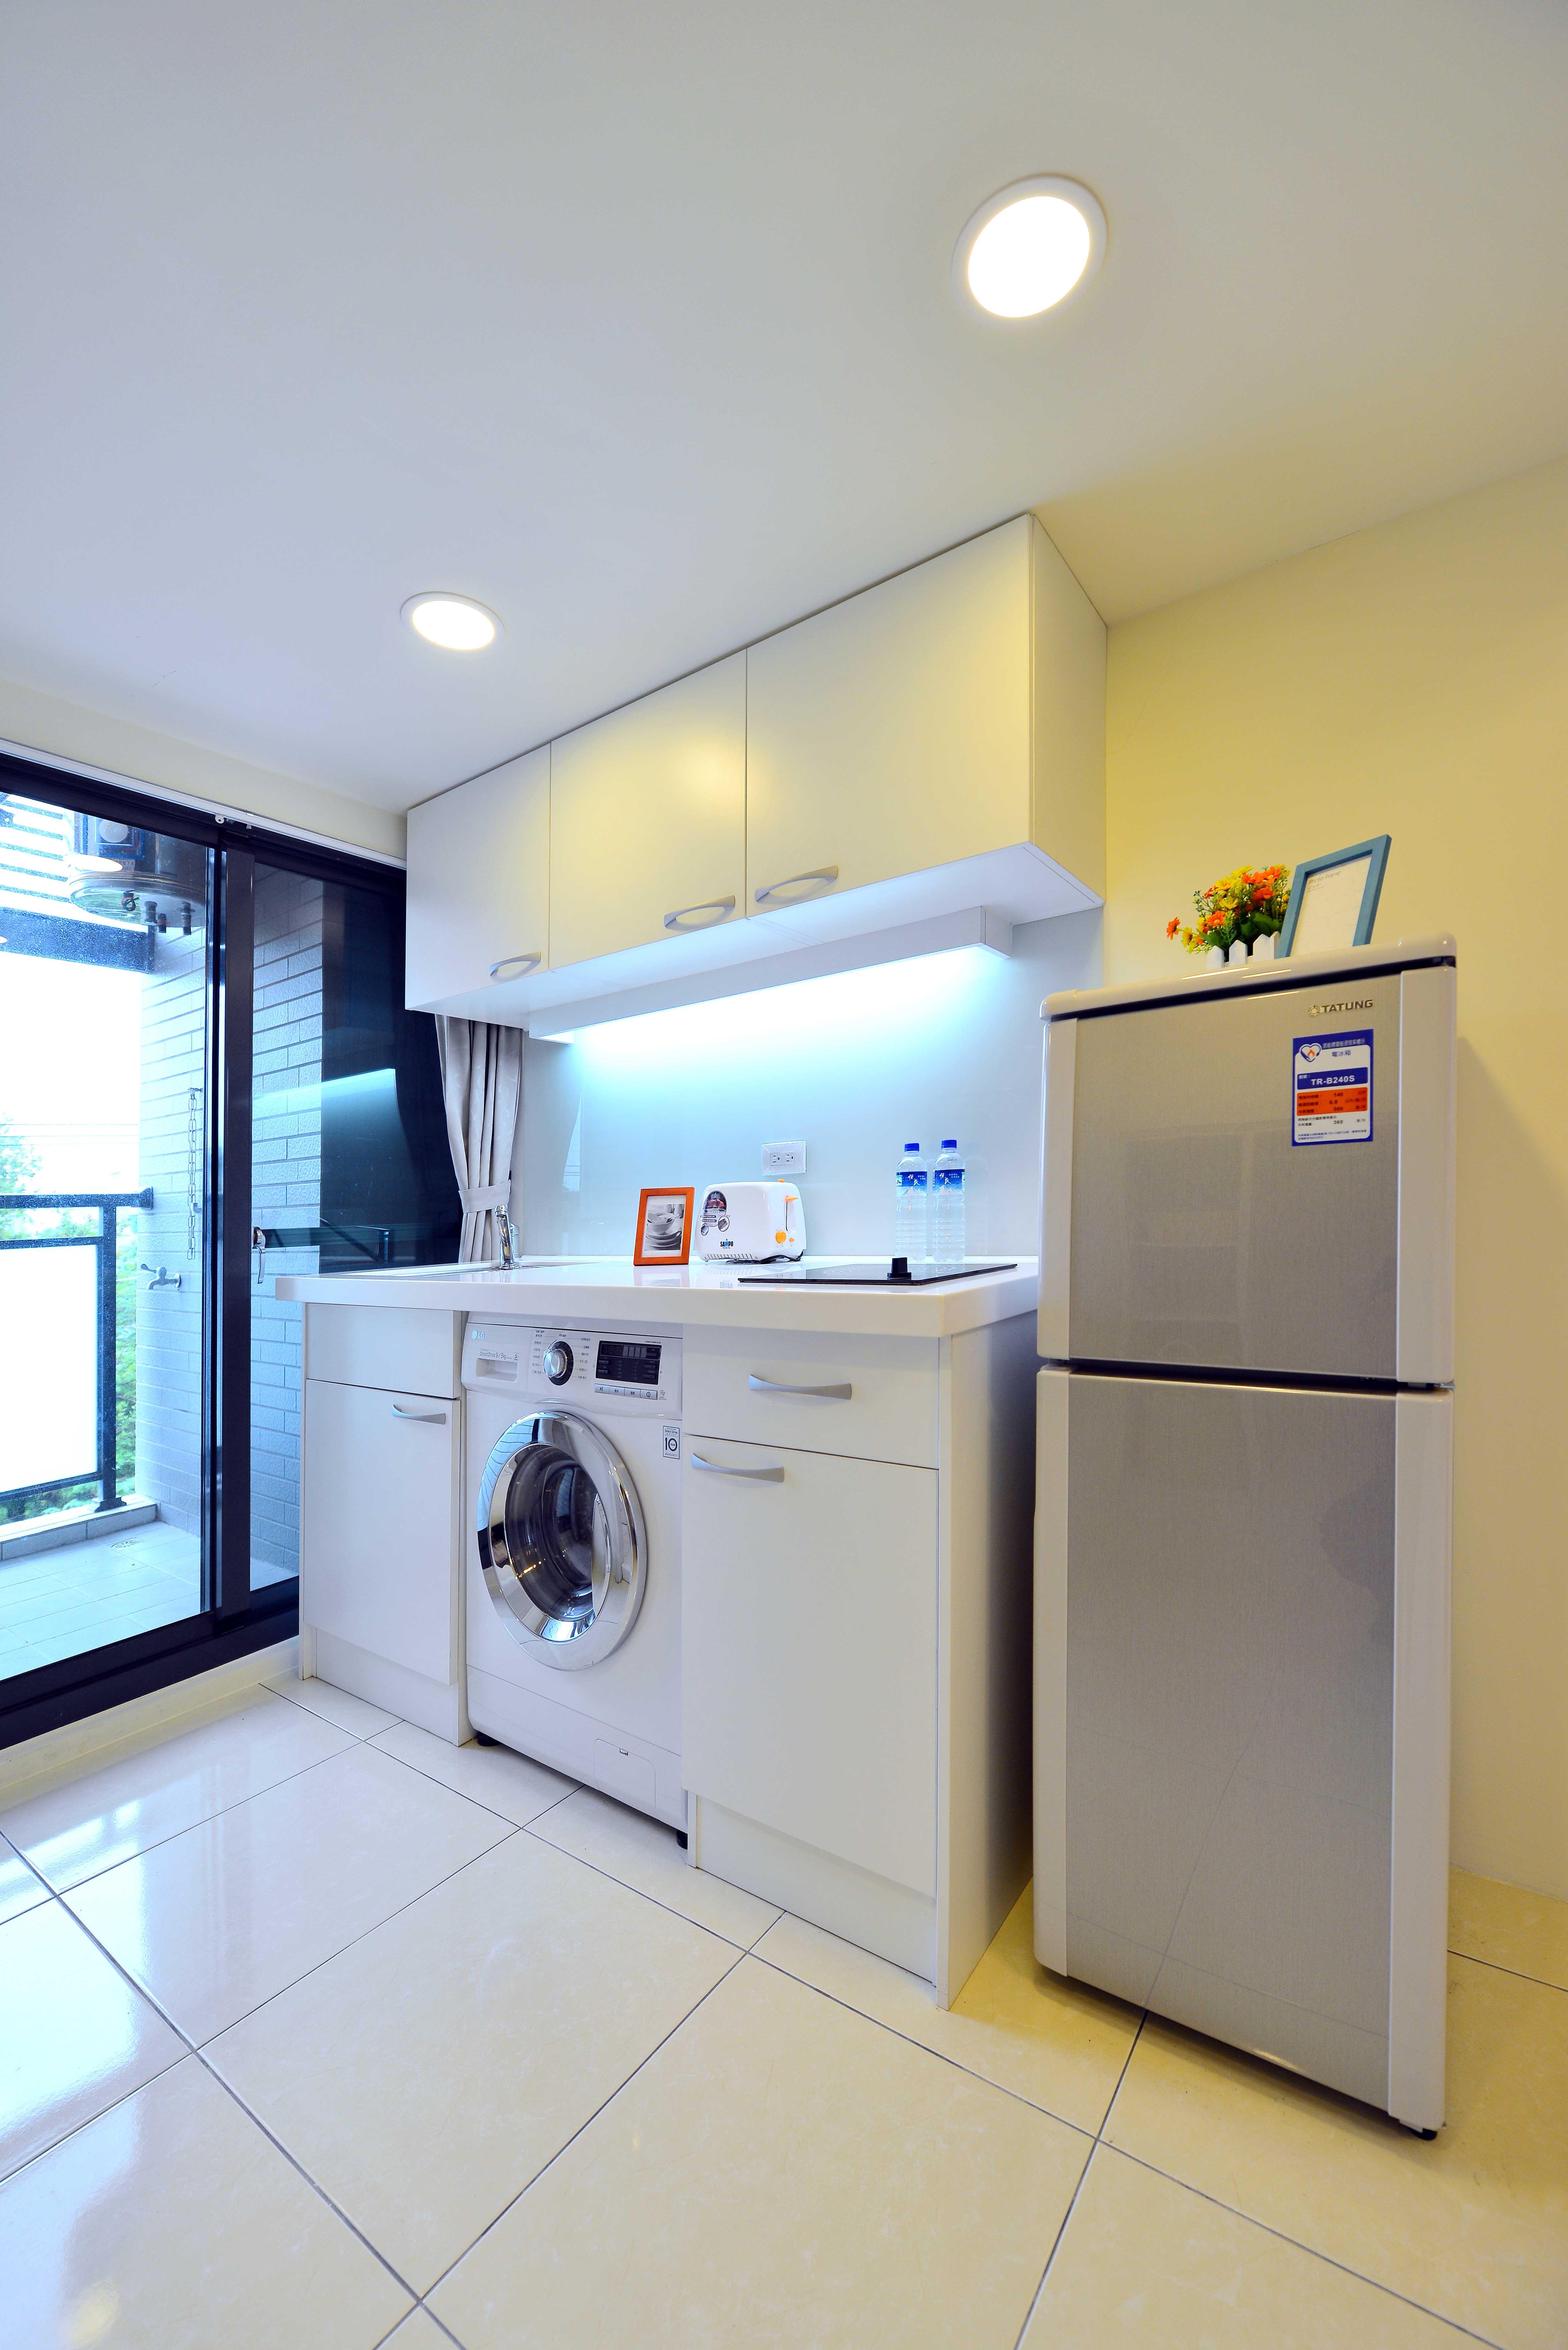 台應大雙套房平車寓,台南市永康區中正三街